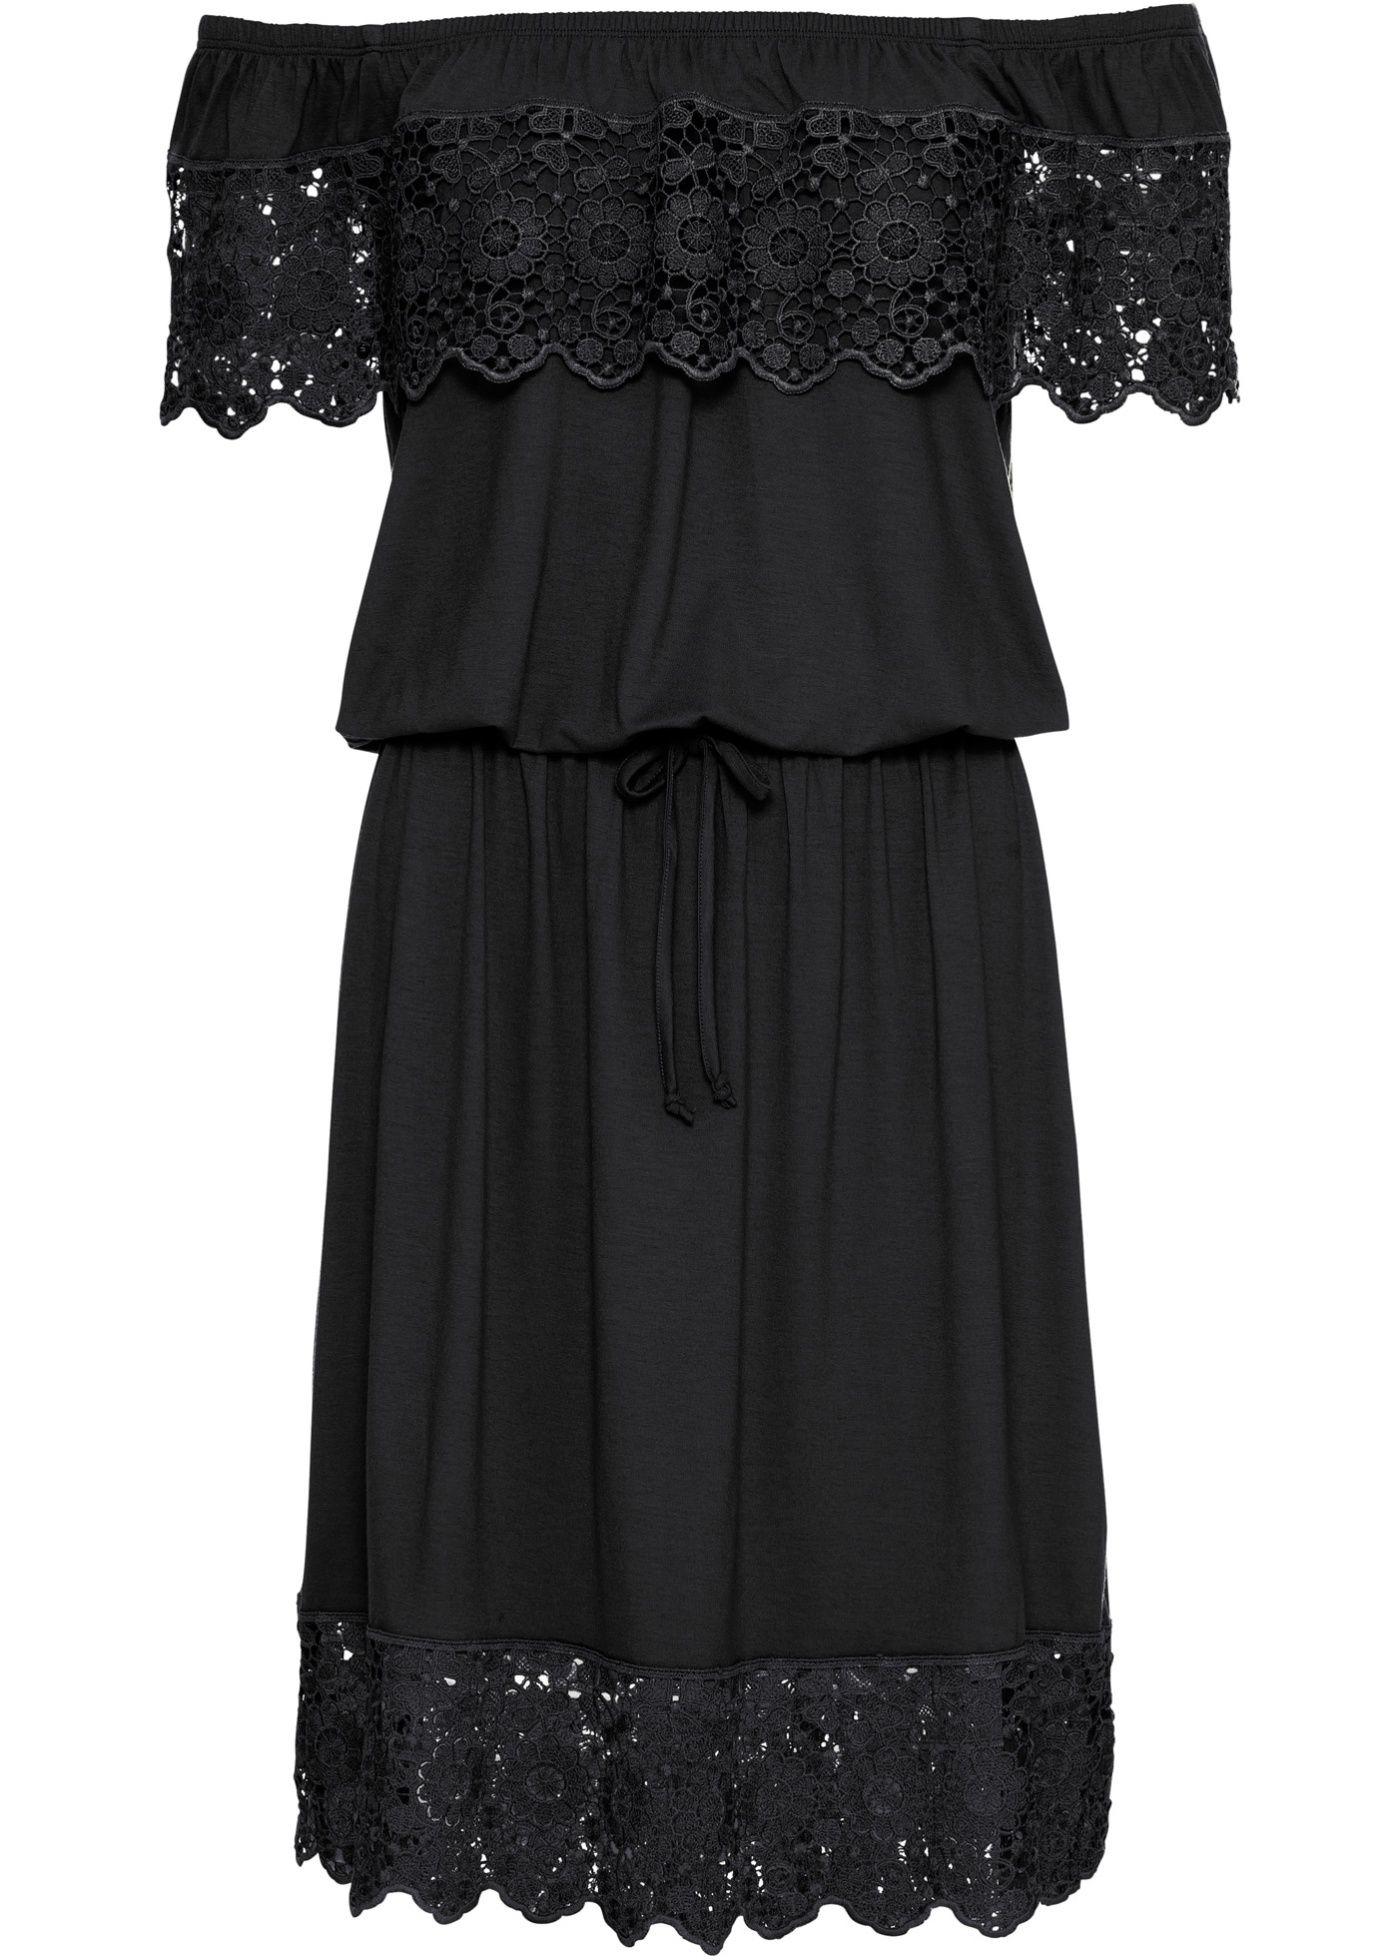 Kleid mit Carmenausschnitt  Kleider damen, Kleid mit